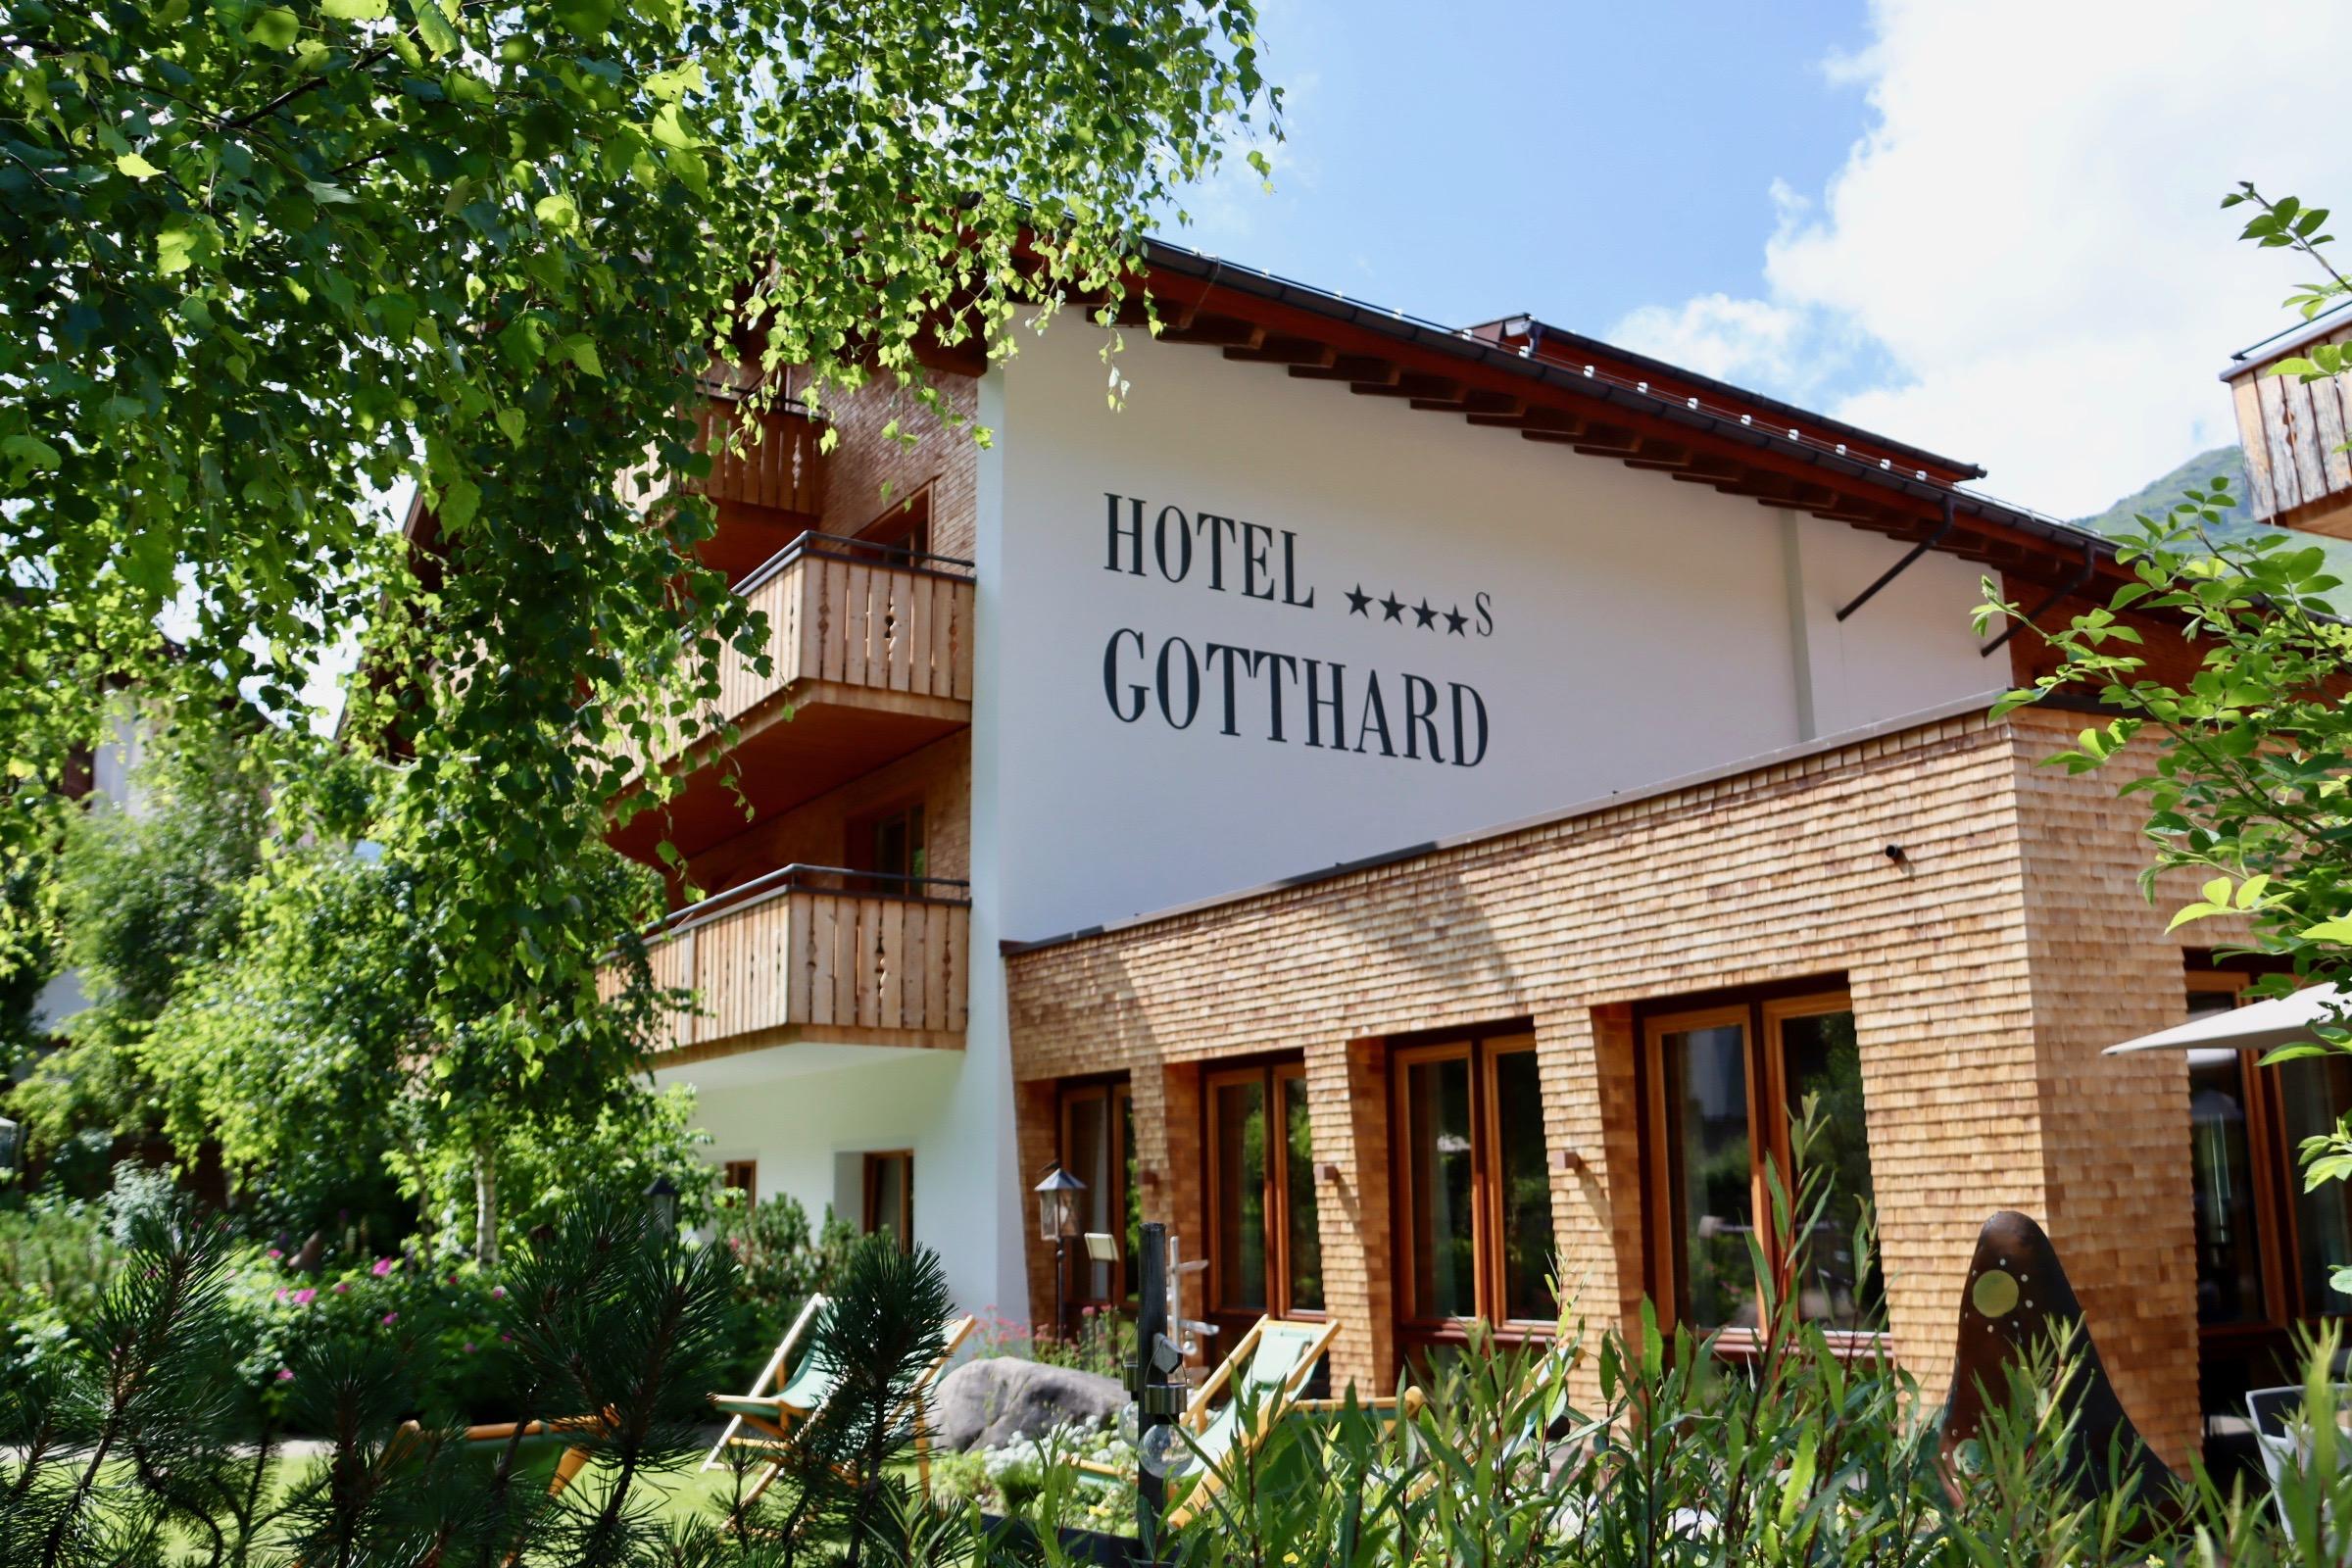 Hotel Gotthard in Lech